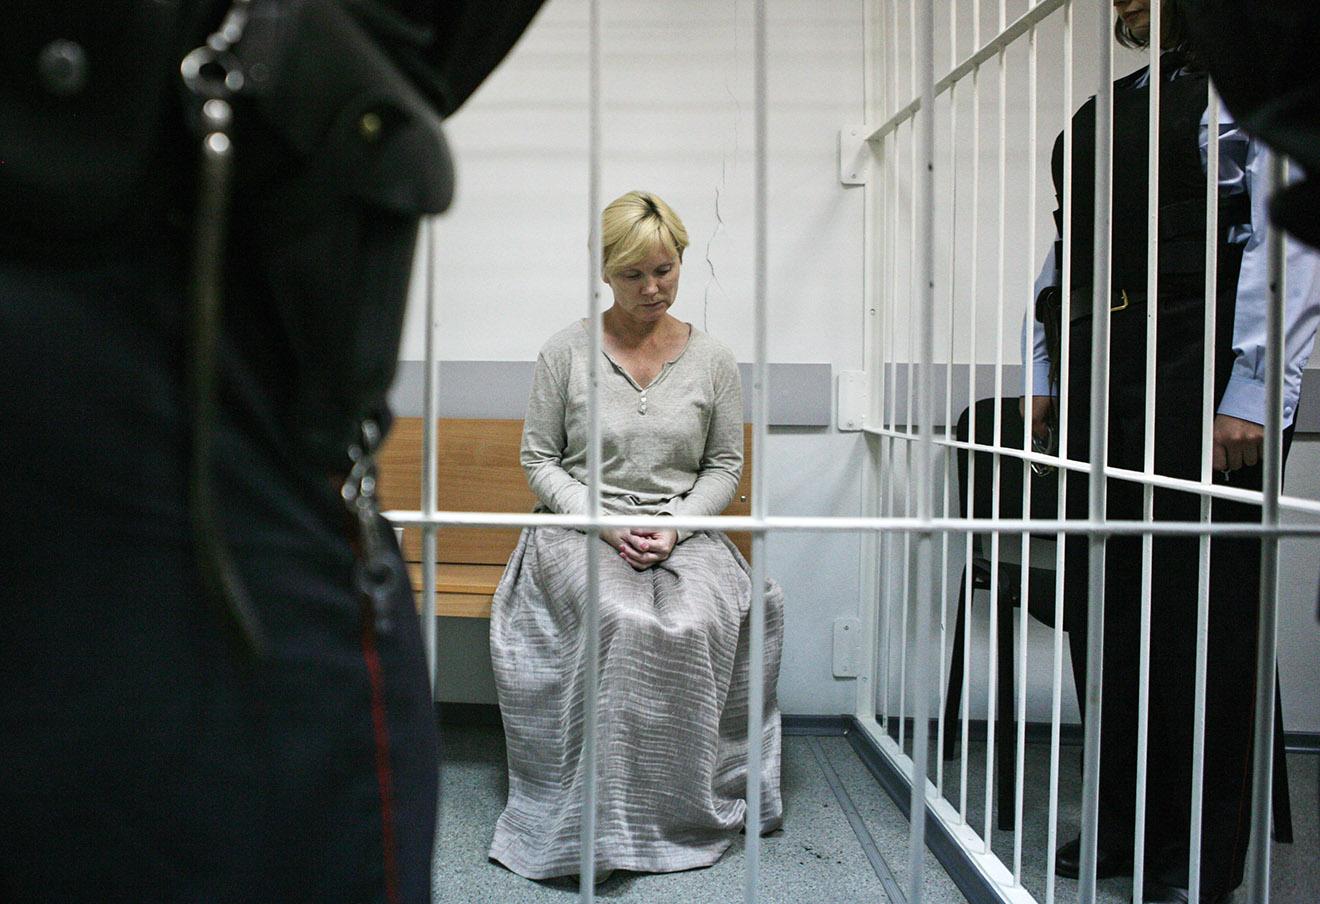 Елена Решетова, 21 июня 2016 года.